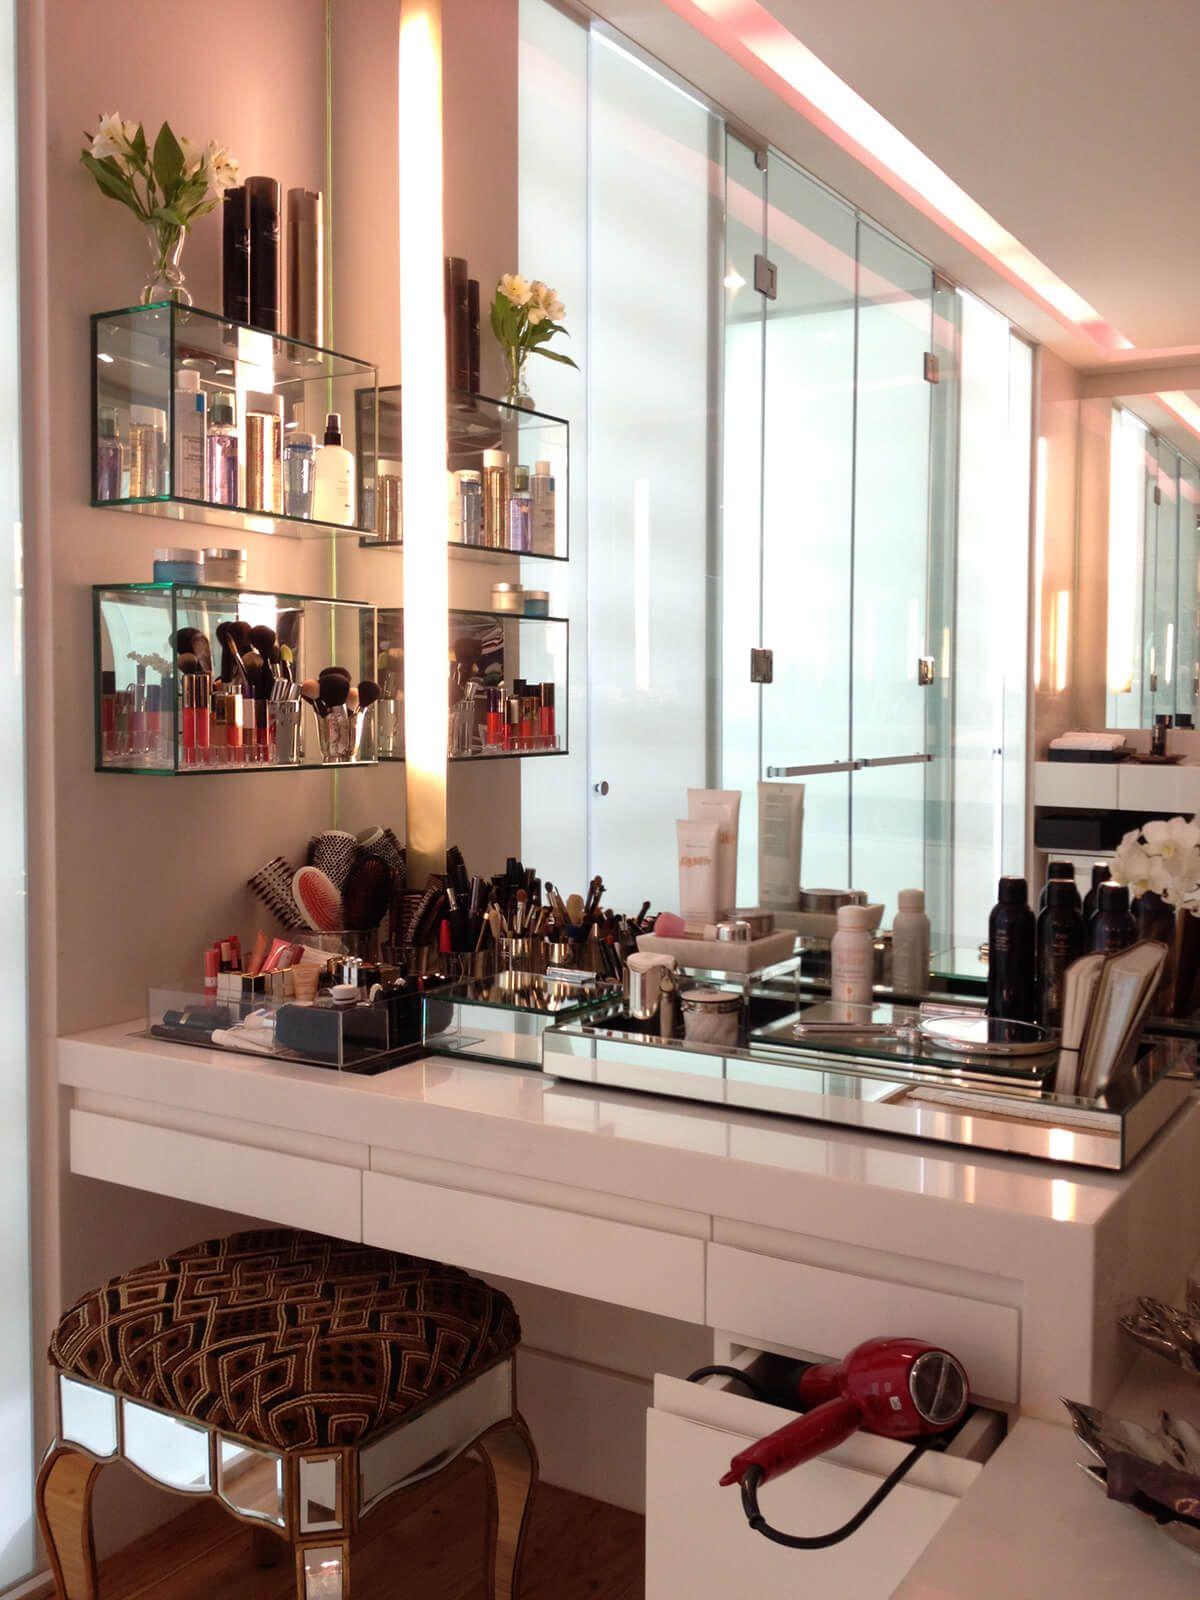 19 Make-up Vanity Ideen, die jedes Hollywood Starlet Eifersüchtig machen würde #bathroomvanitydecor